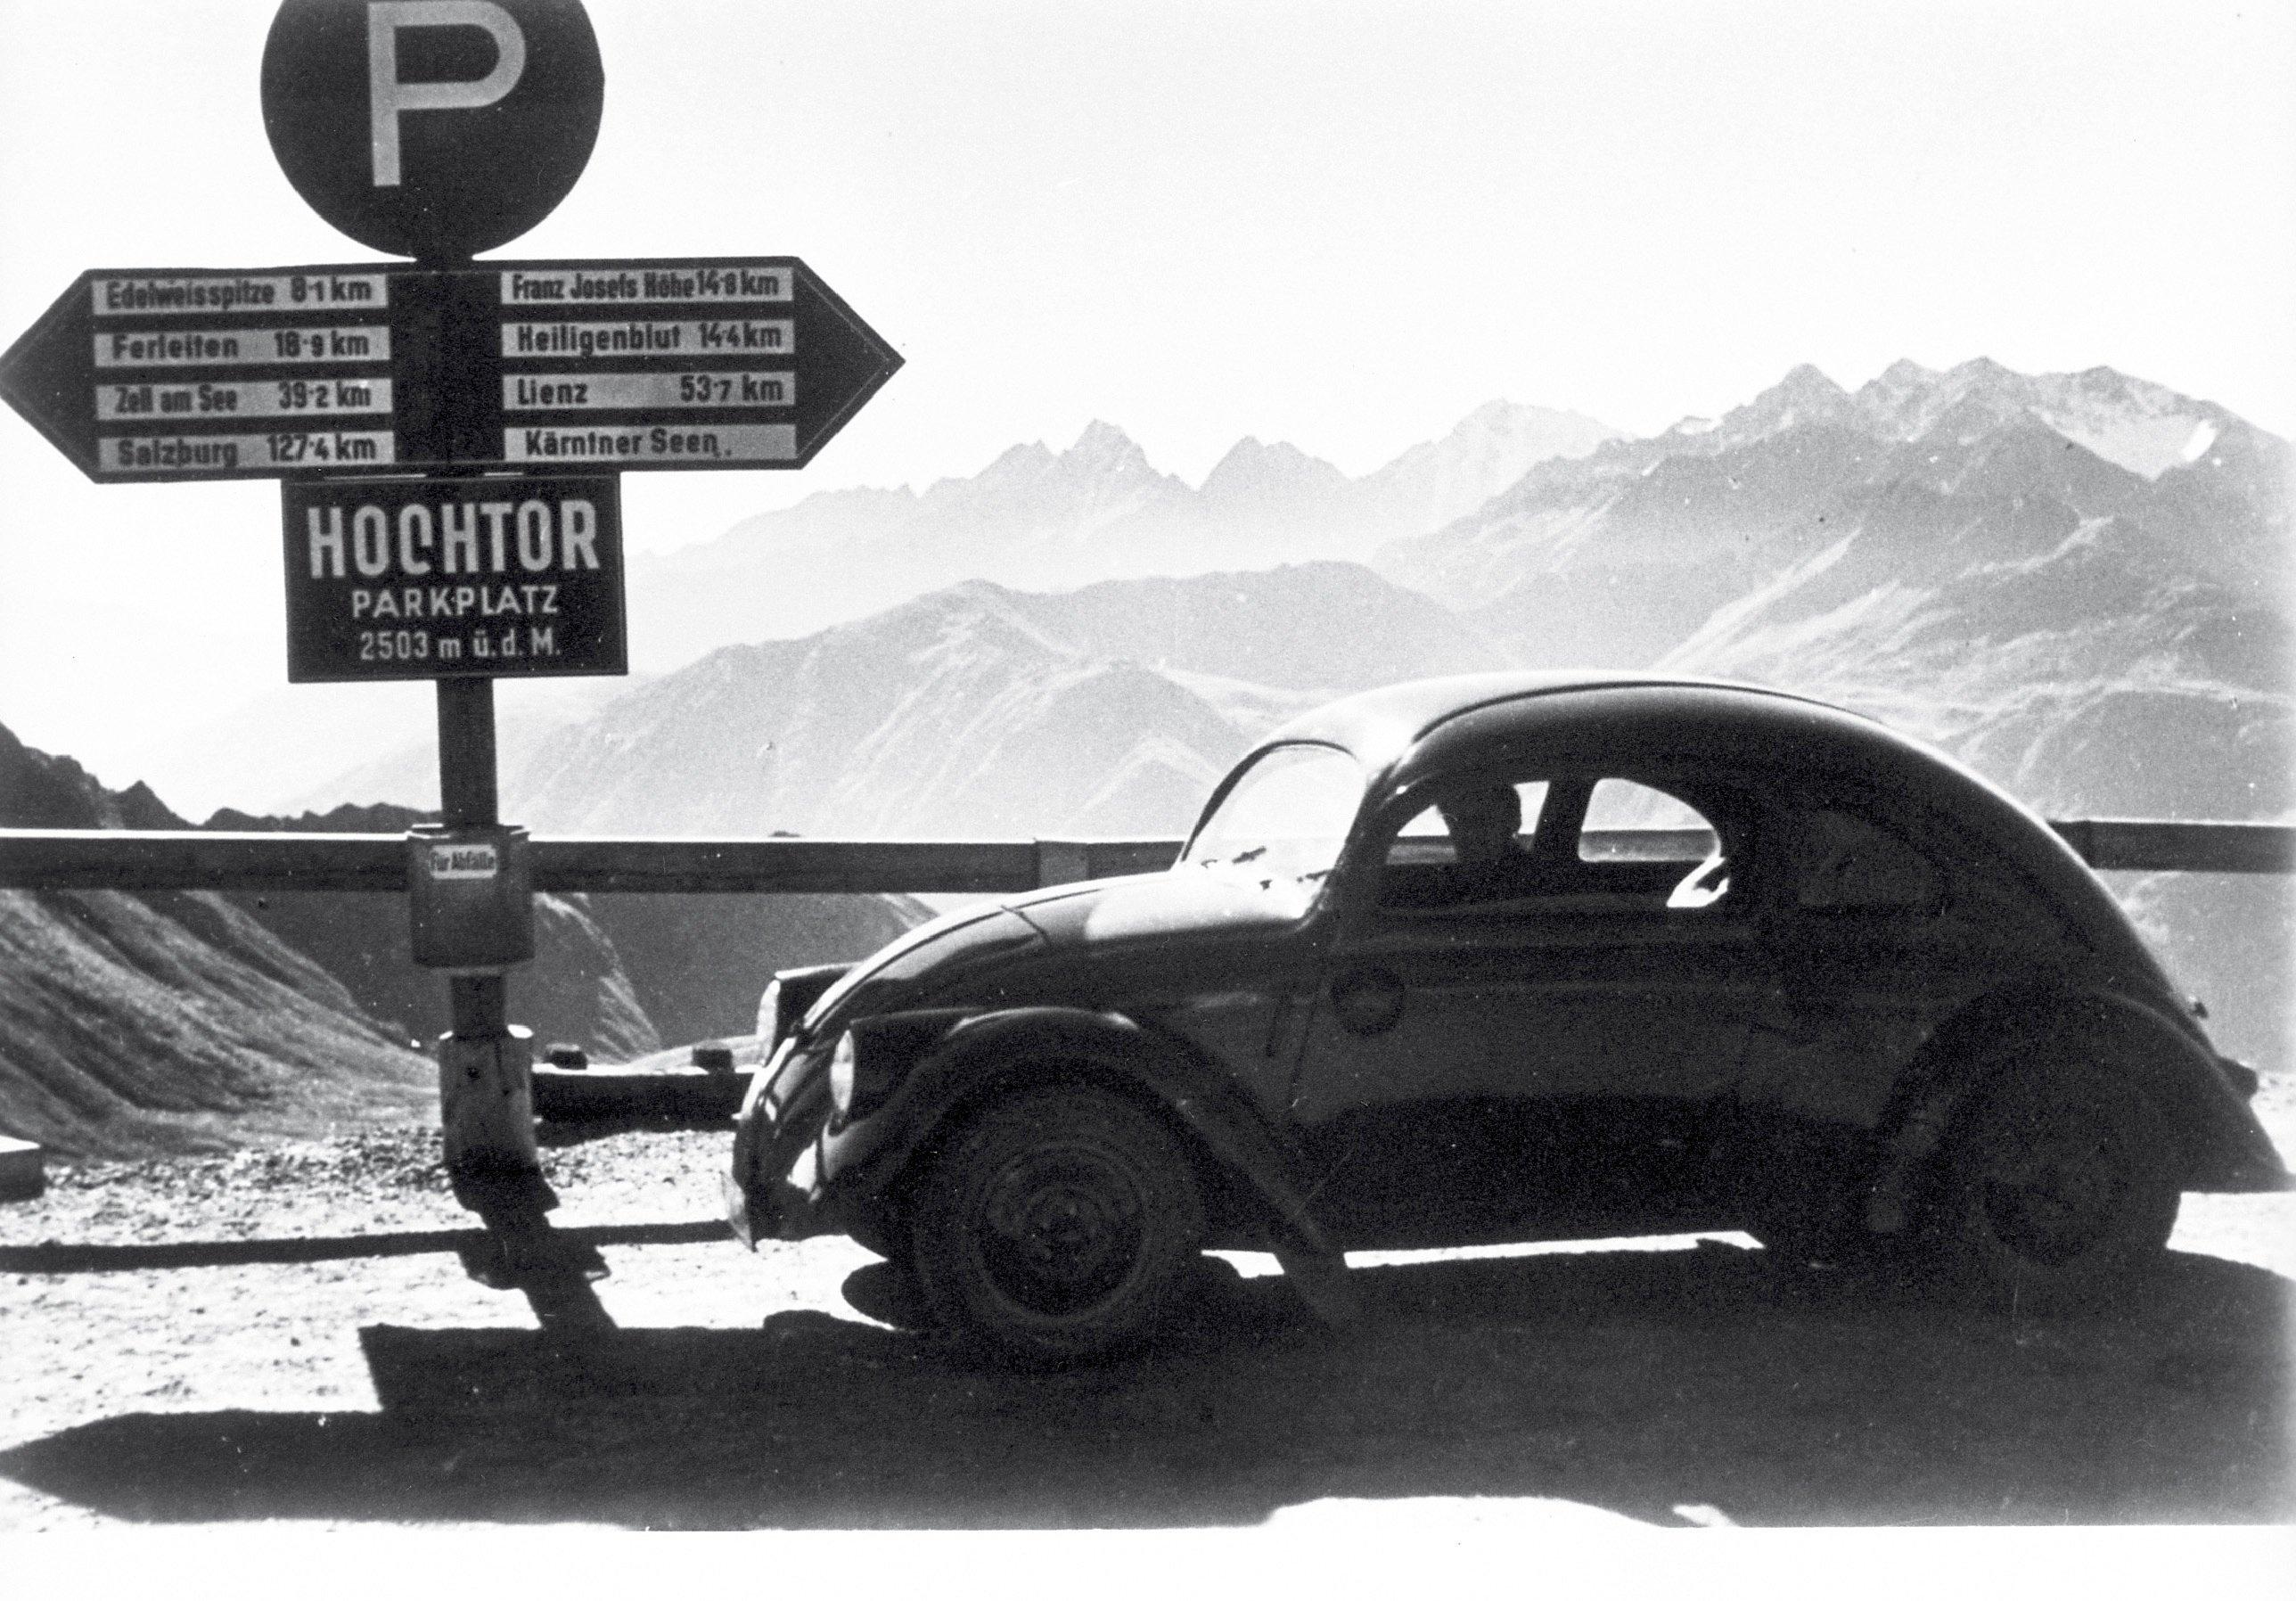 Mit dem Käfer wagten die Deutschen in den 1950-er Jahren die Fahrt über die Alpen, um Italien als Urlaubsland zu entdecken.